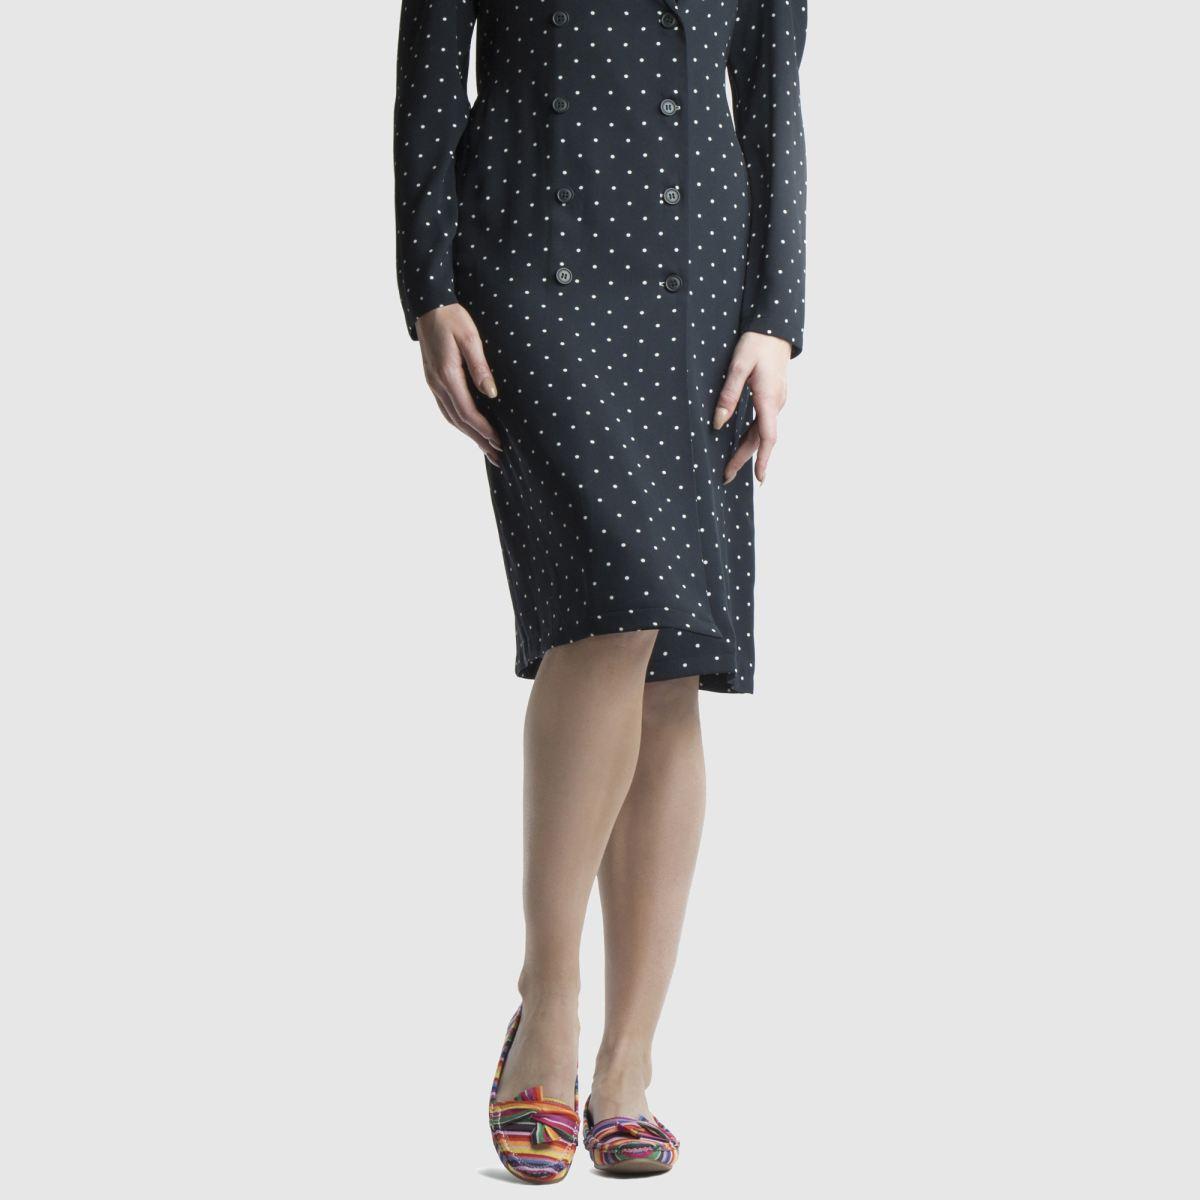 Damen Bunt schuh Bow Down Flats | schuh Gute Qualität beliebte Schuhe